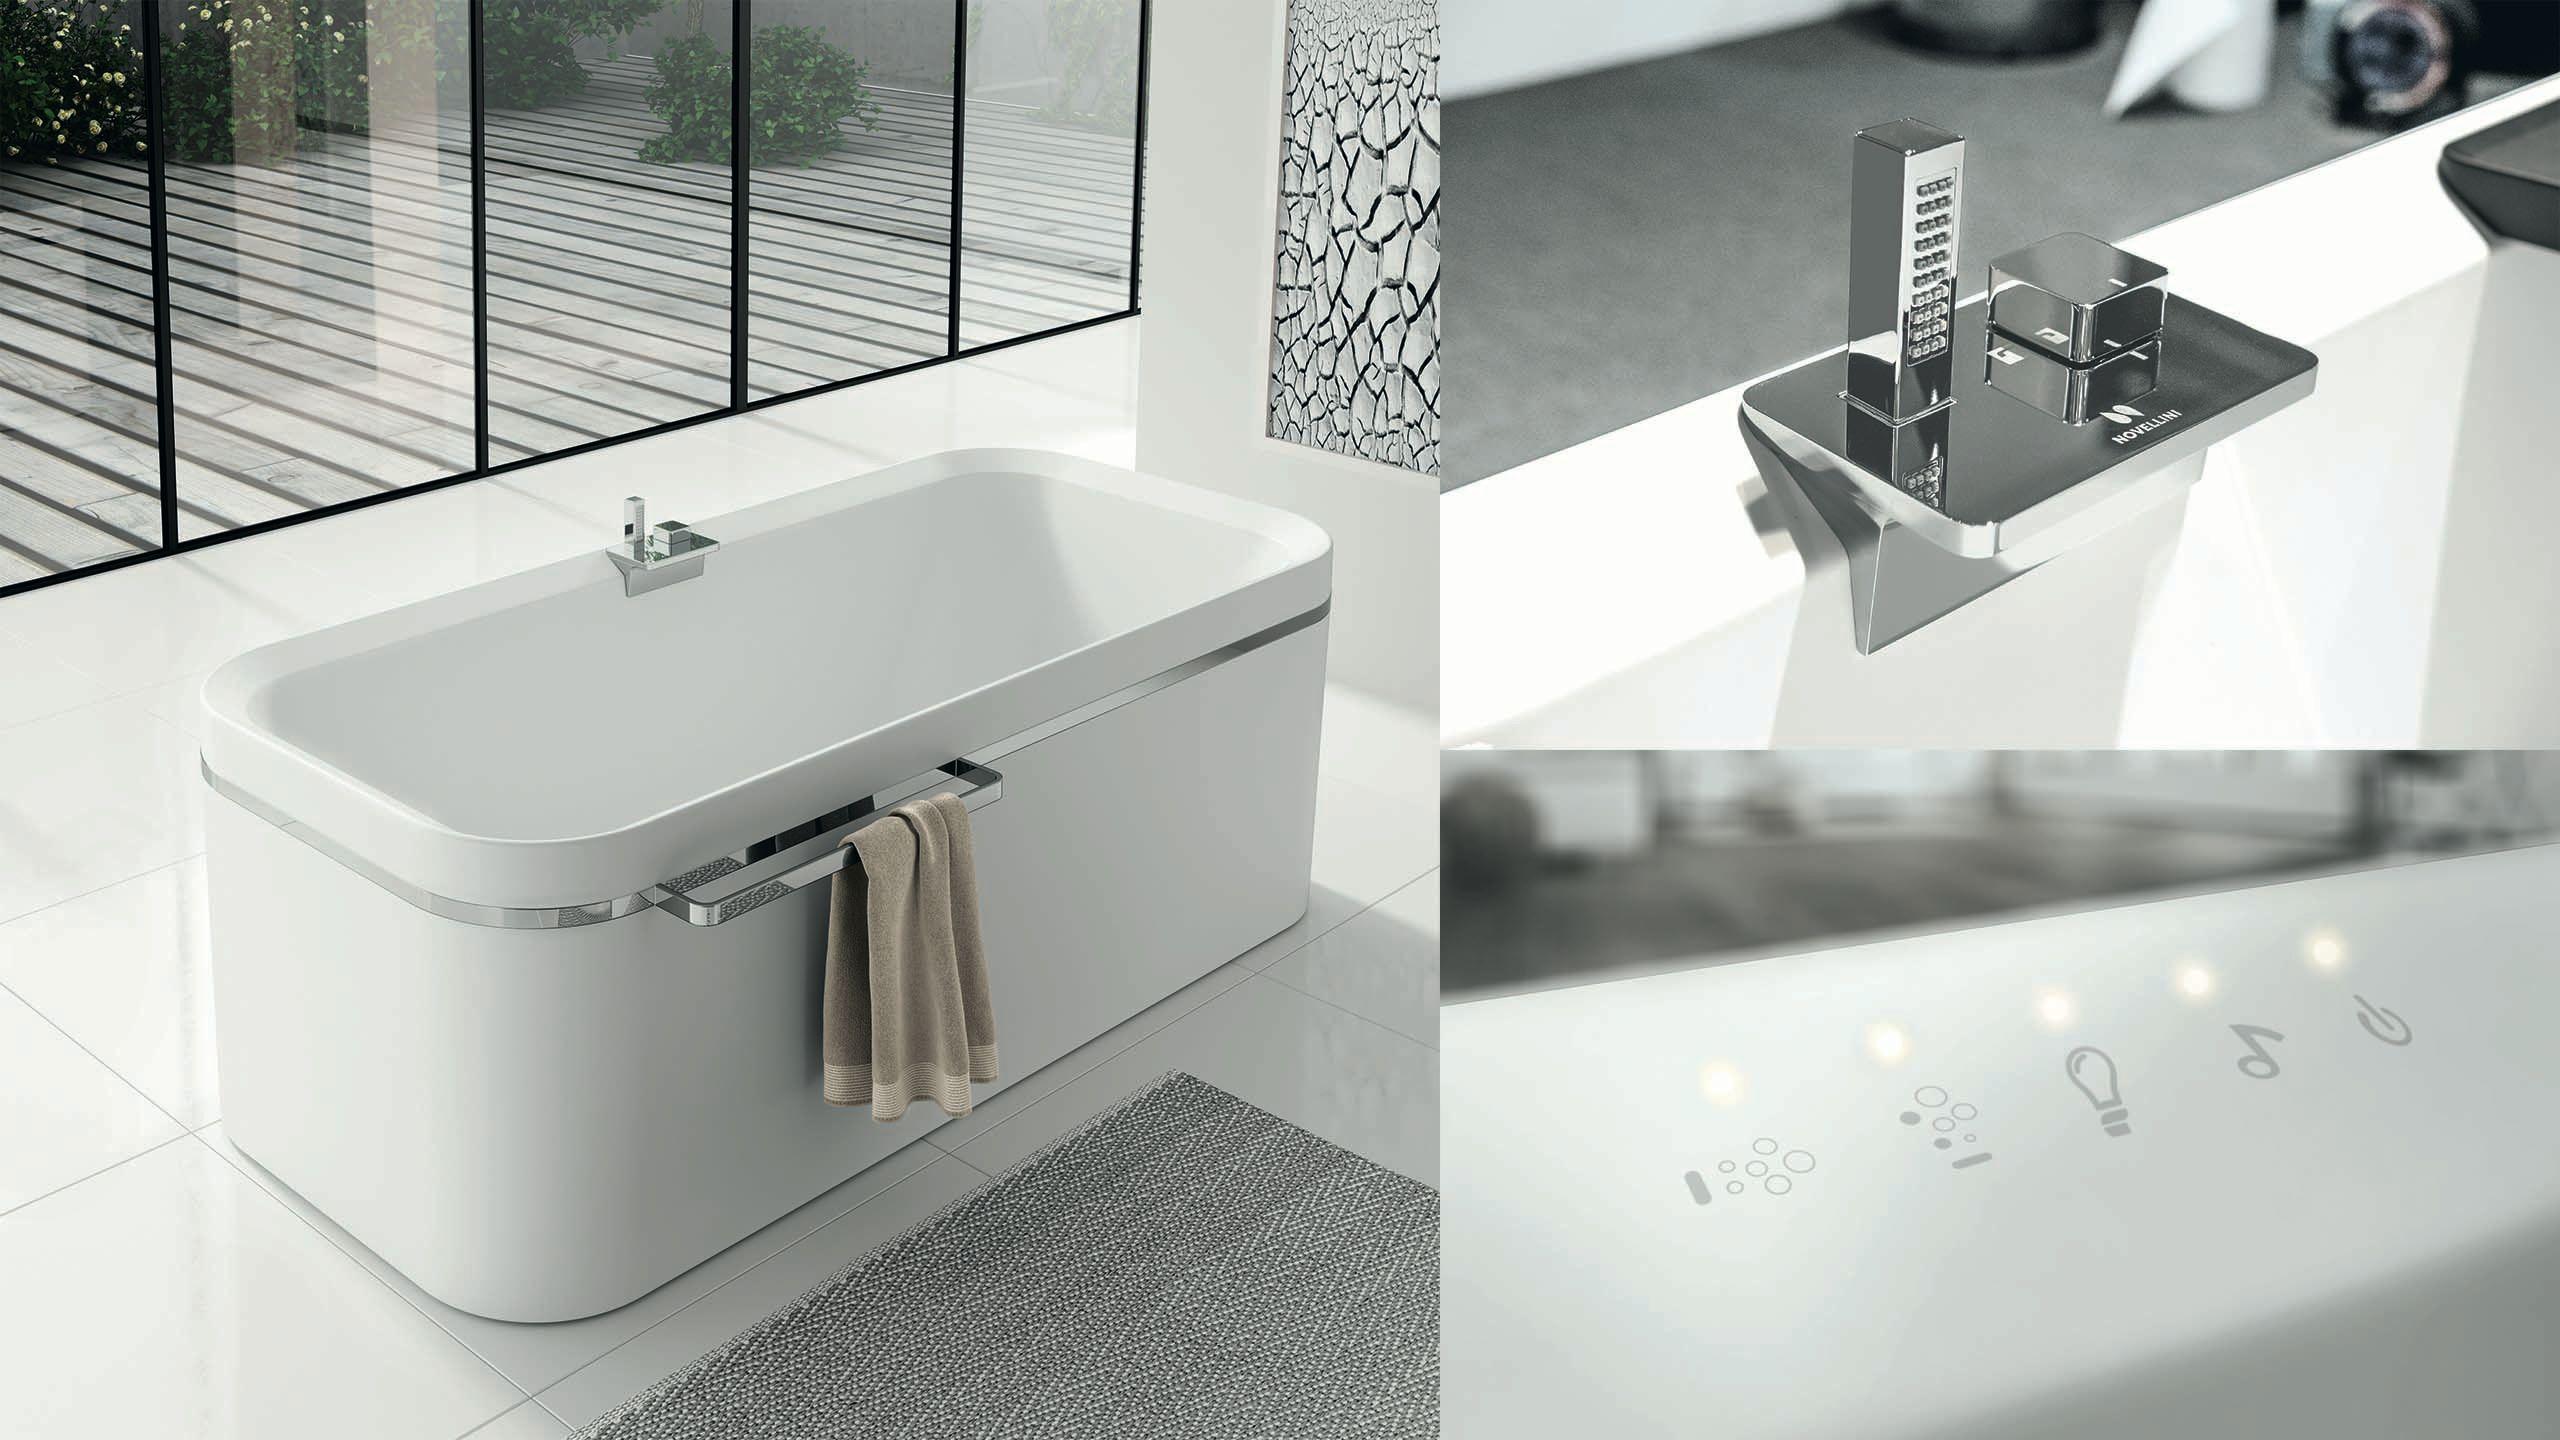 novellini, cambio de bañera por ducha, bañeras, instalacion de bañeras, bañeras de hidromasaje, bañeras novellini,reforma de baños, bañeras (4)